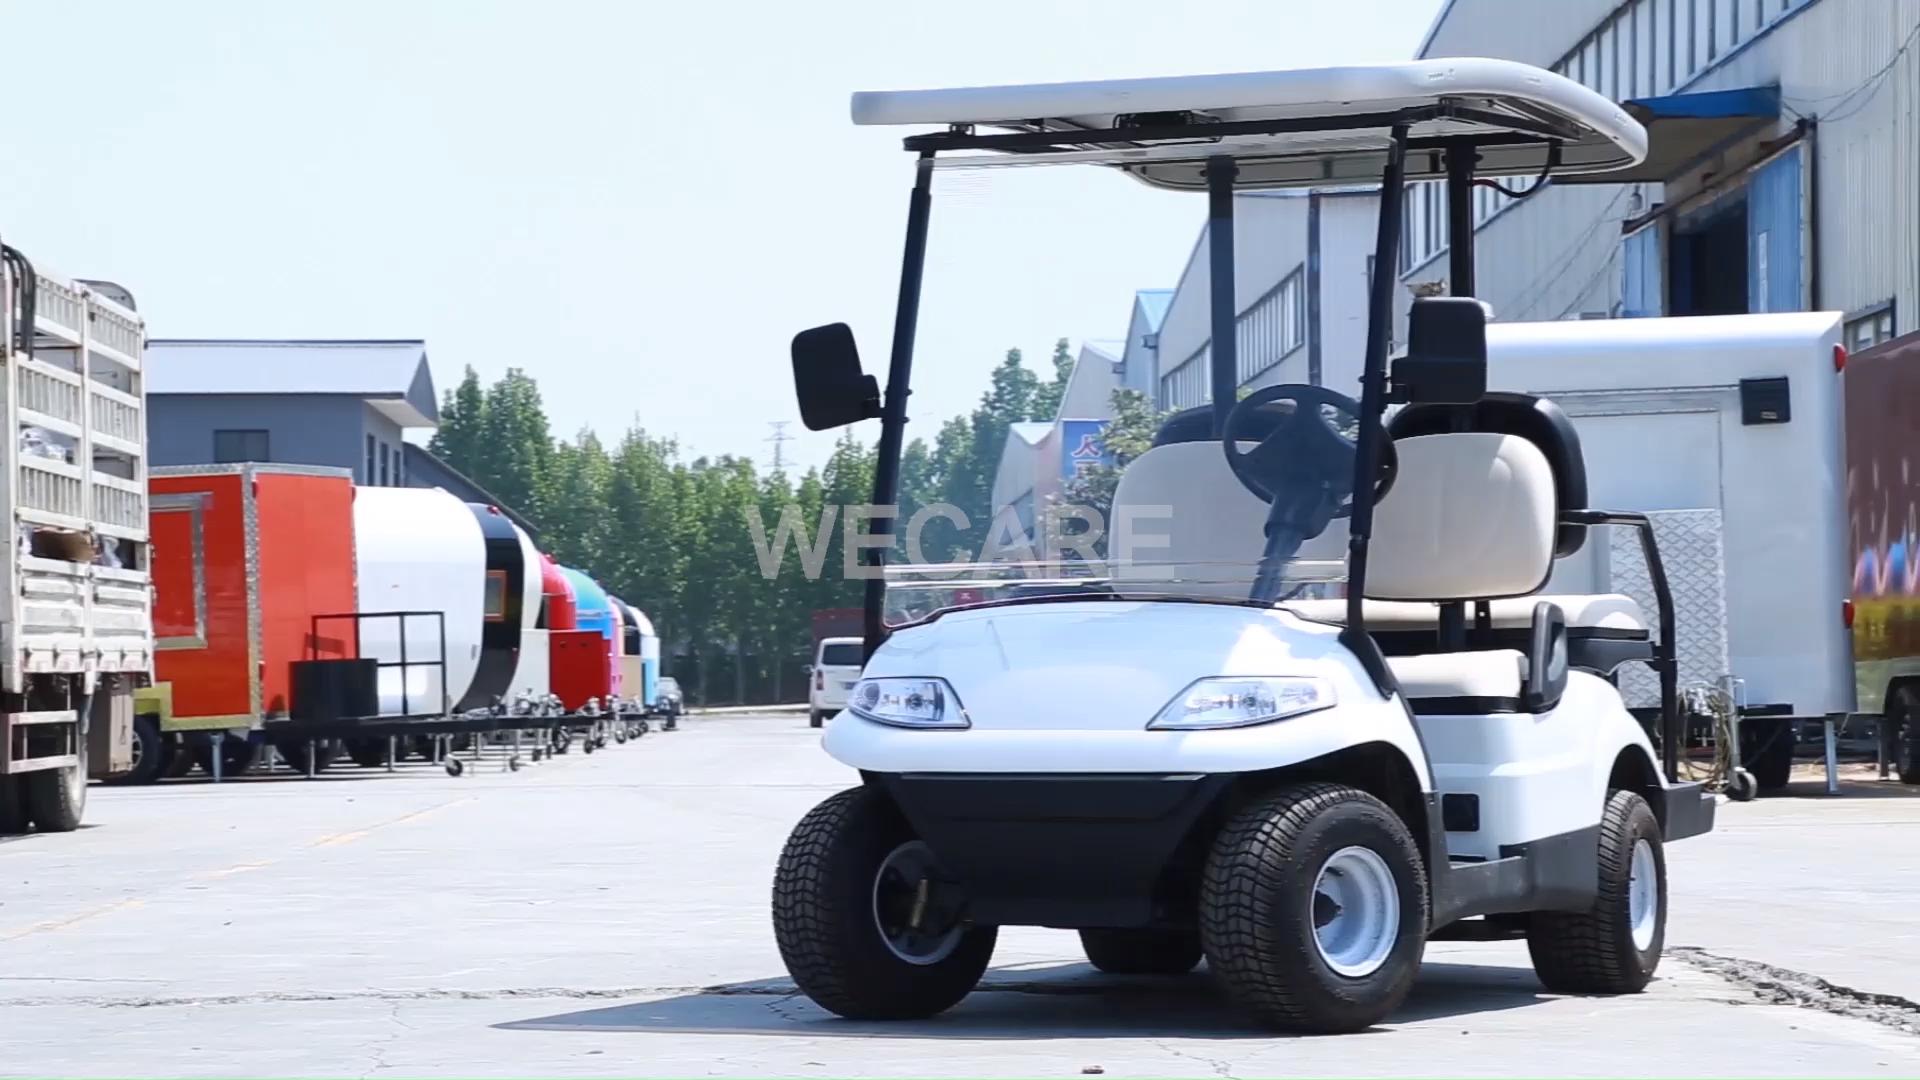 Vendita calda utilizzata elettrica golf car club car golf cart parti